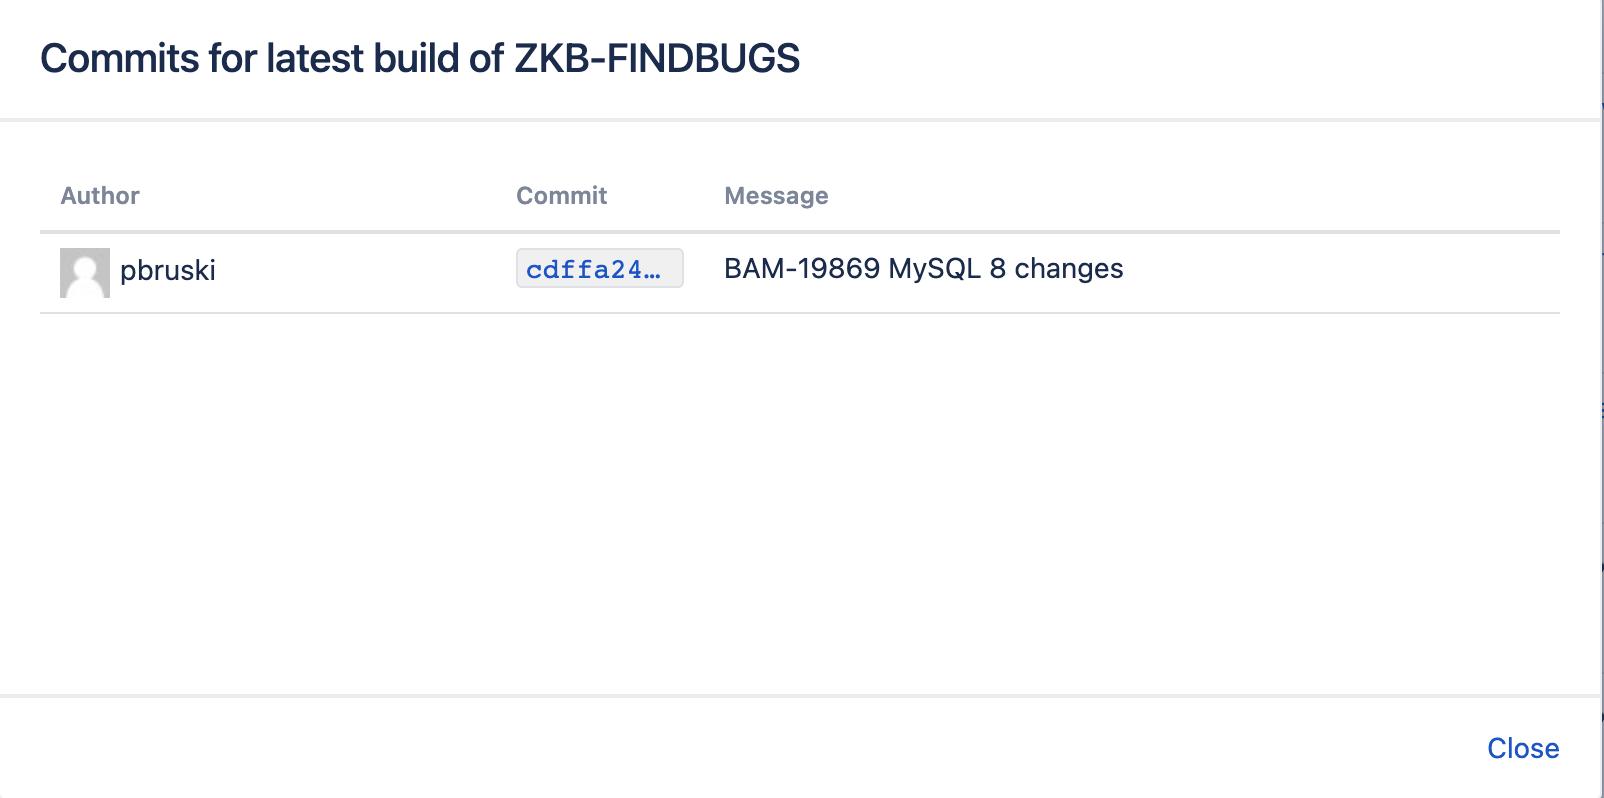 Build commits details